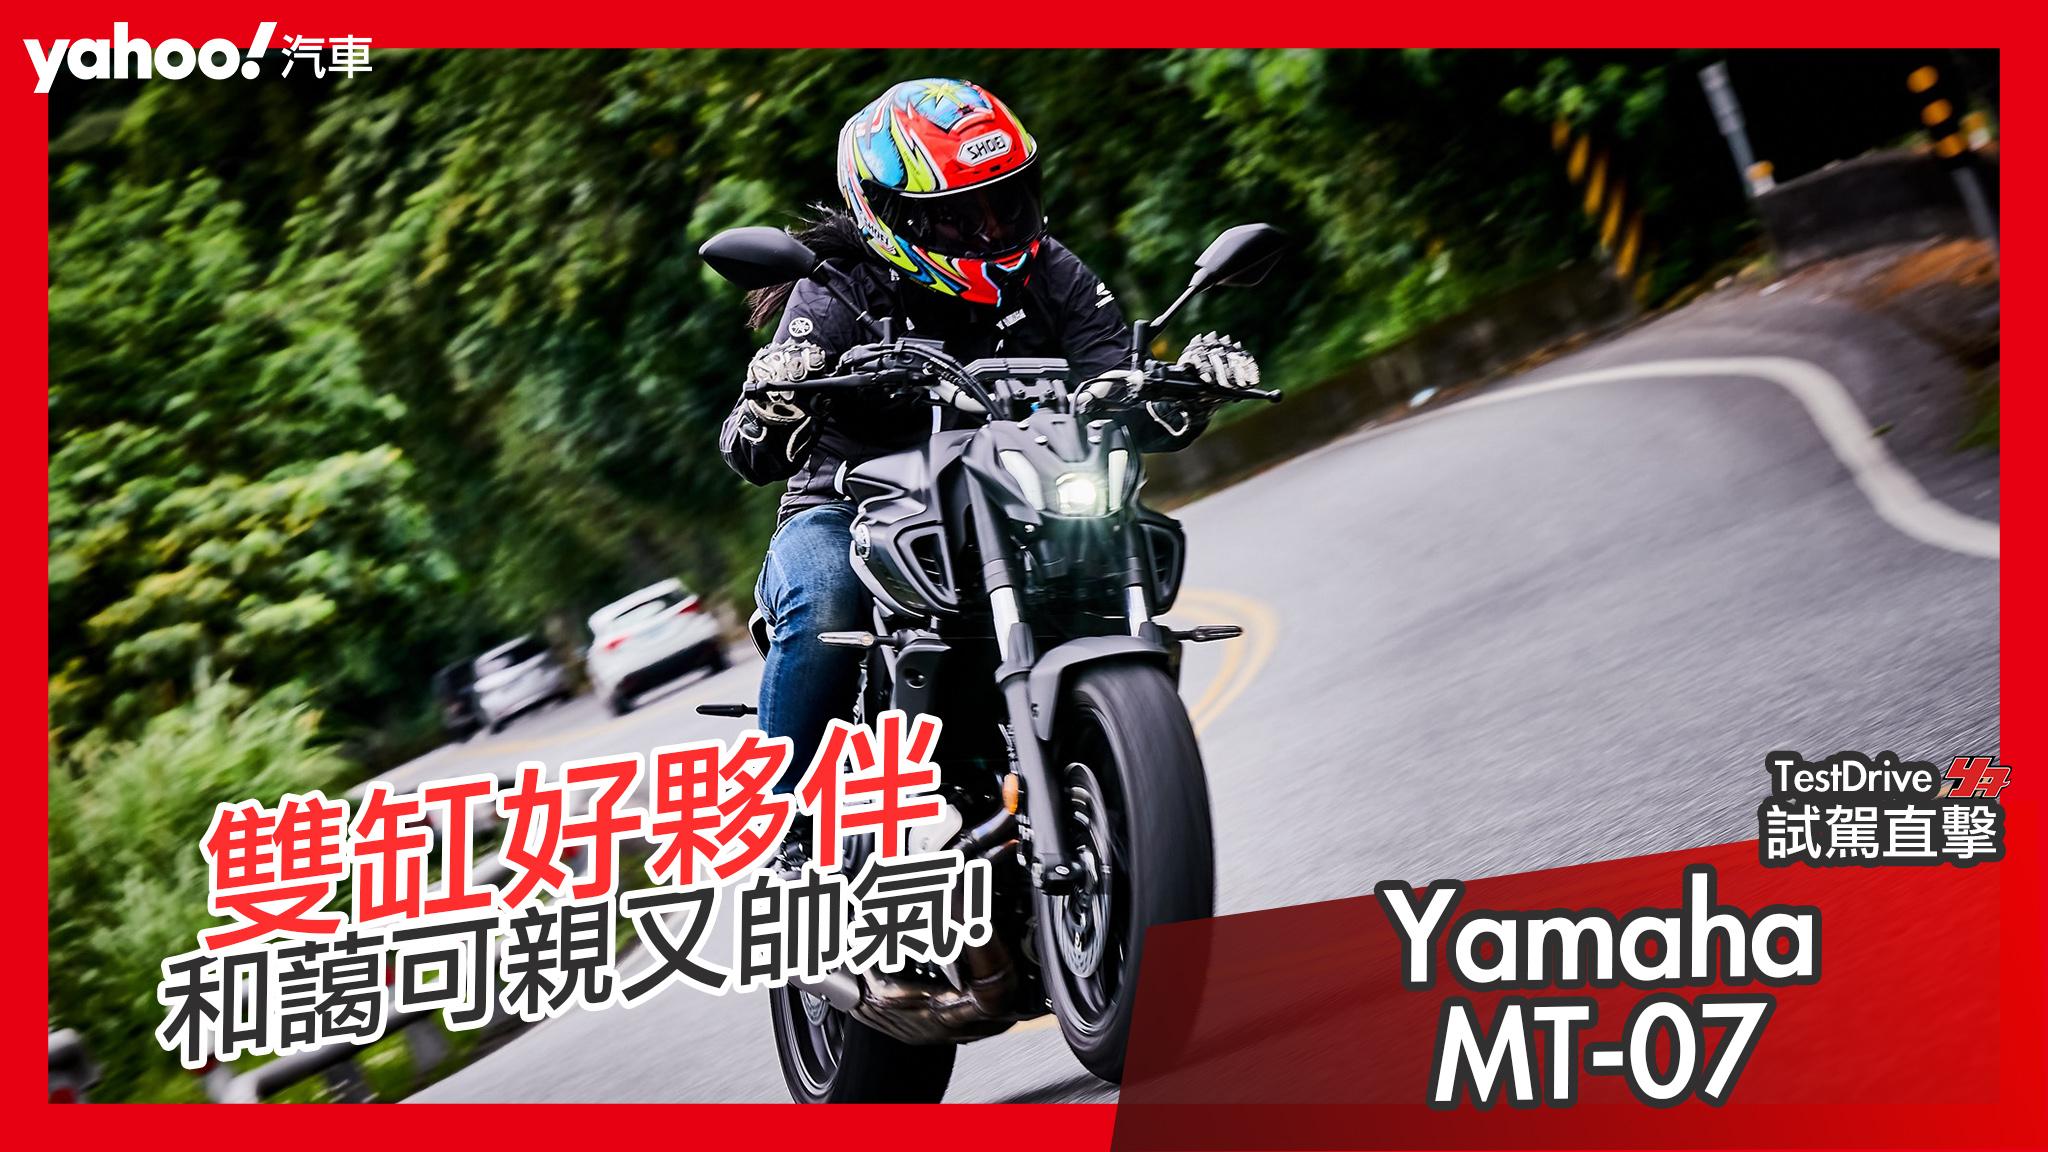 【試駕直擊】2021 Yamaha MT-07小小改花蓮試駕!再探親切可控雙缸好夥伴!